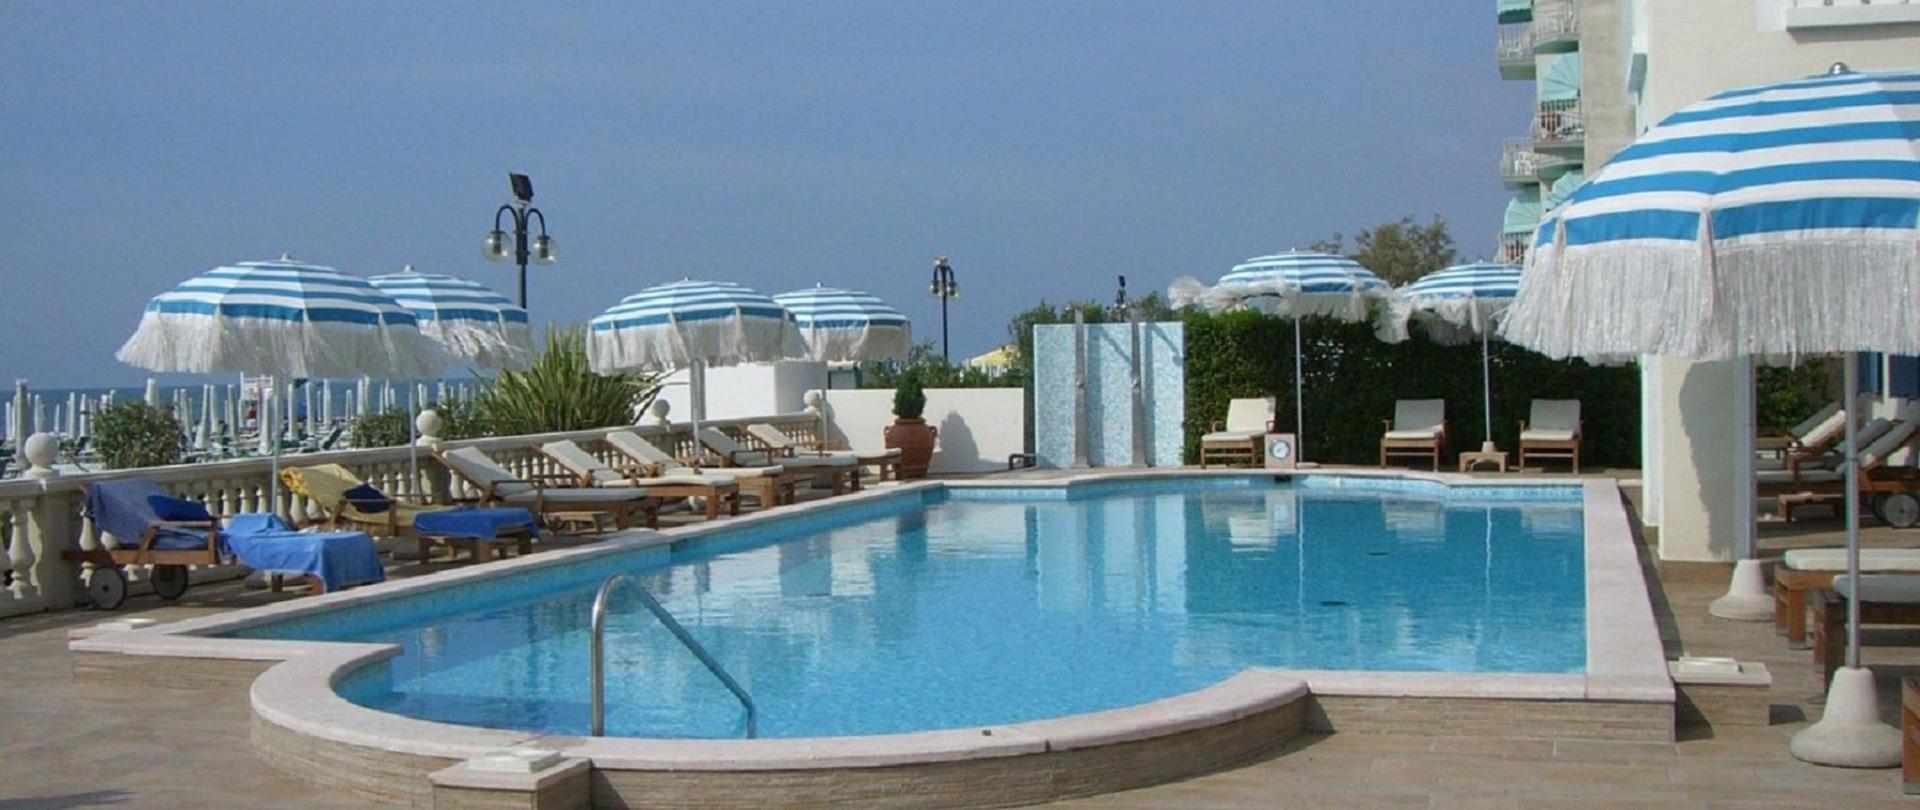 piscinahc.jpg